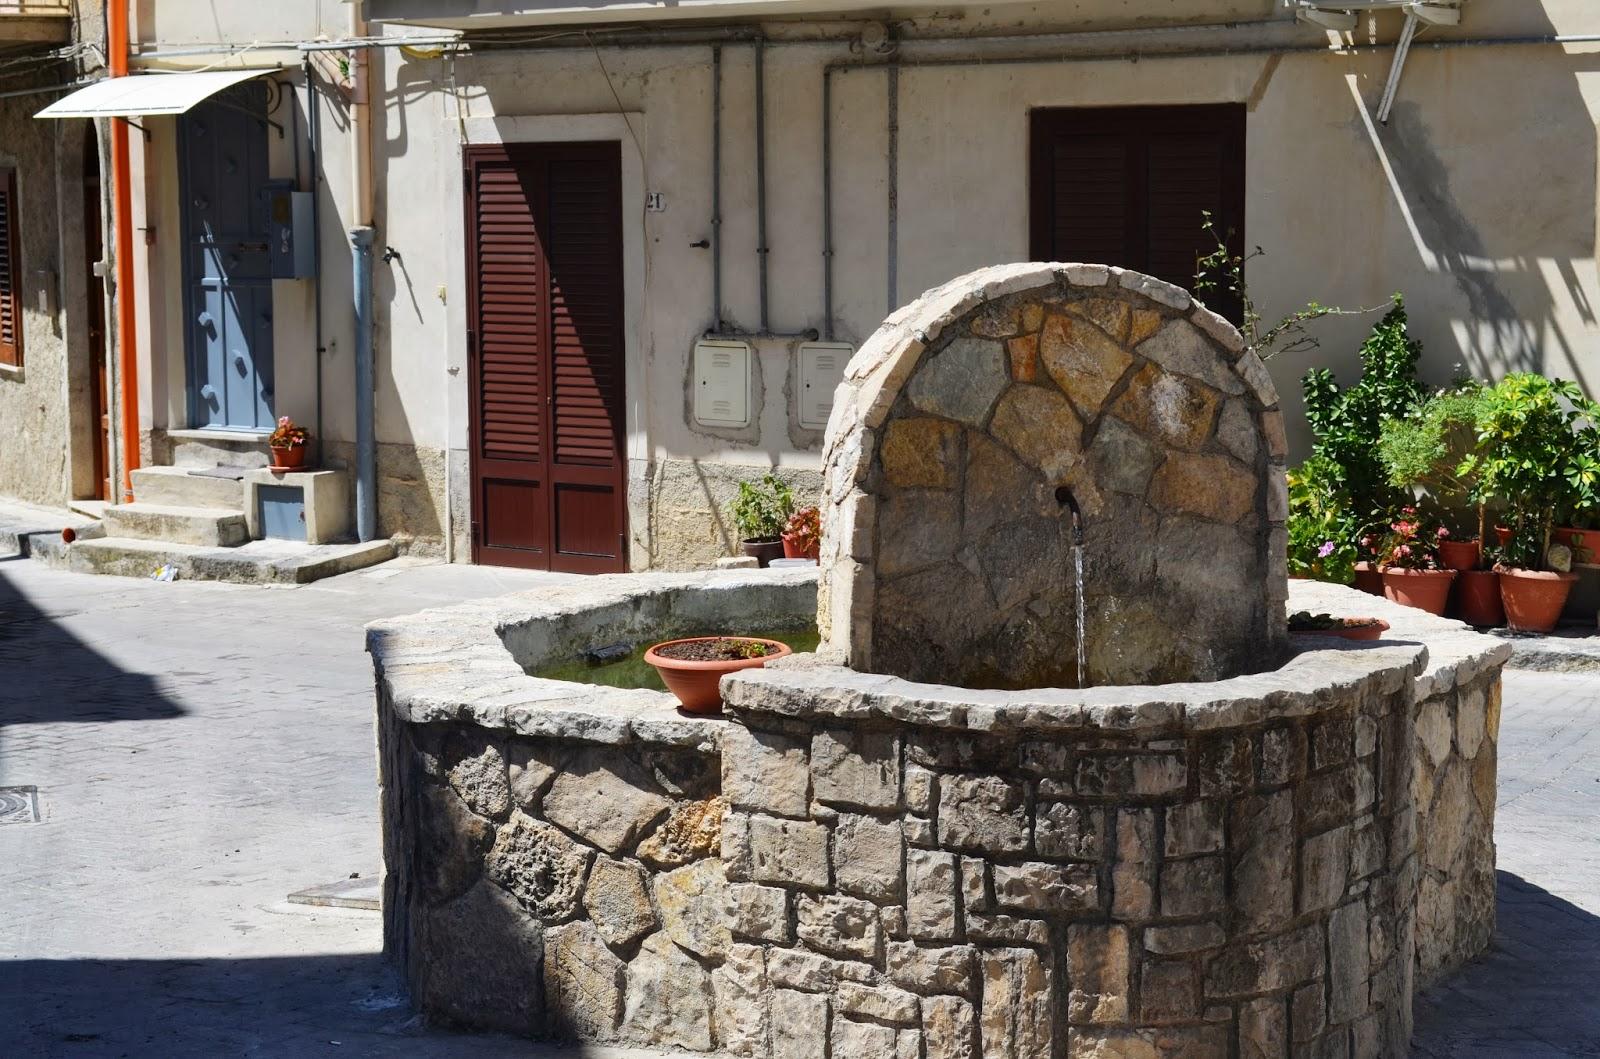 Bivona turismo trekking urbano delle antiche fontane di for Fontane antiche